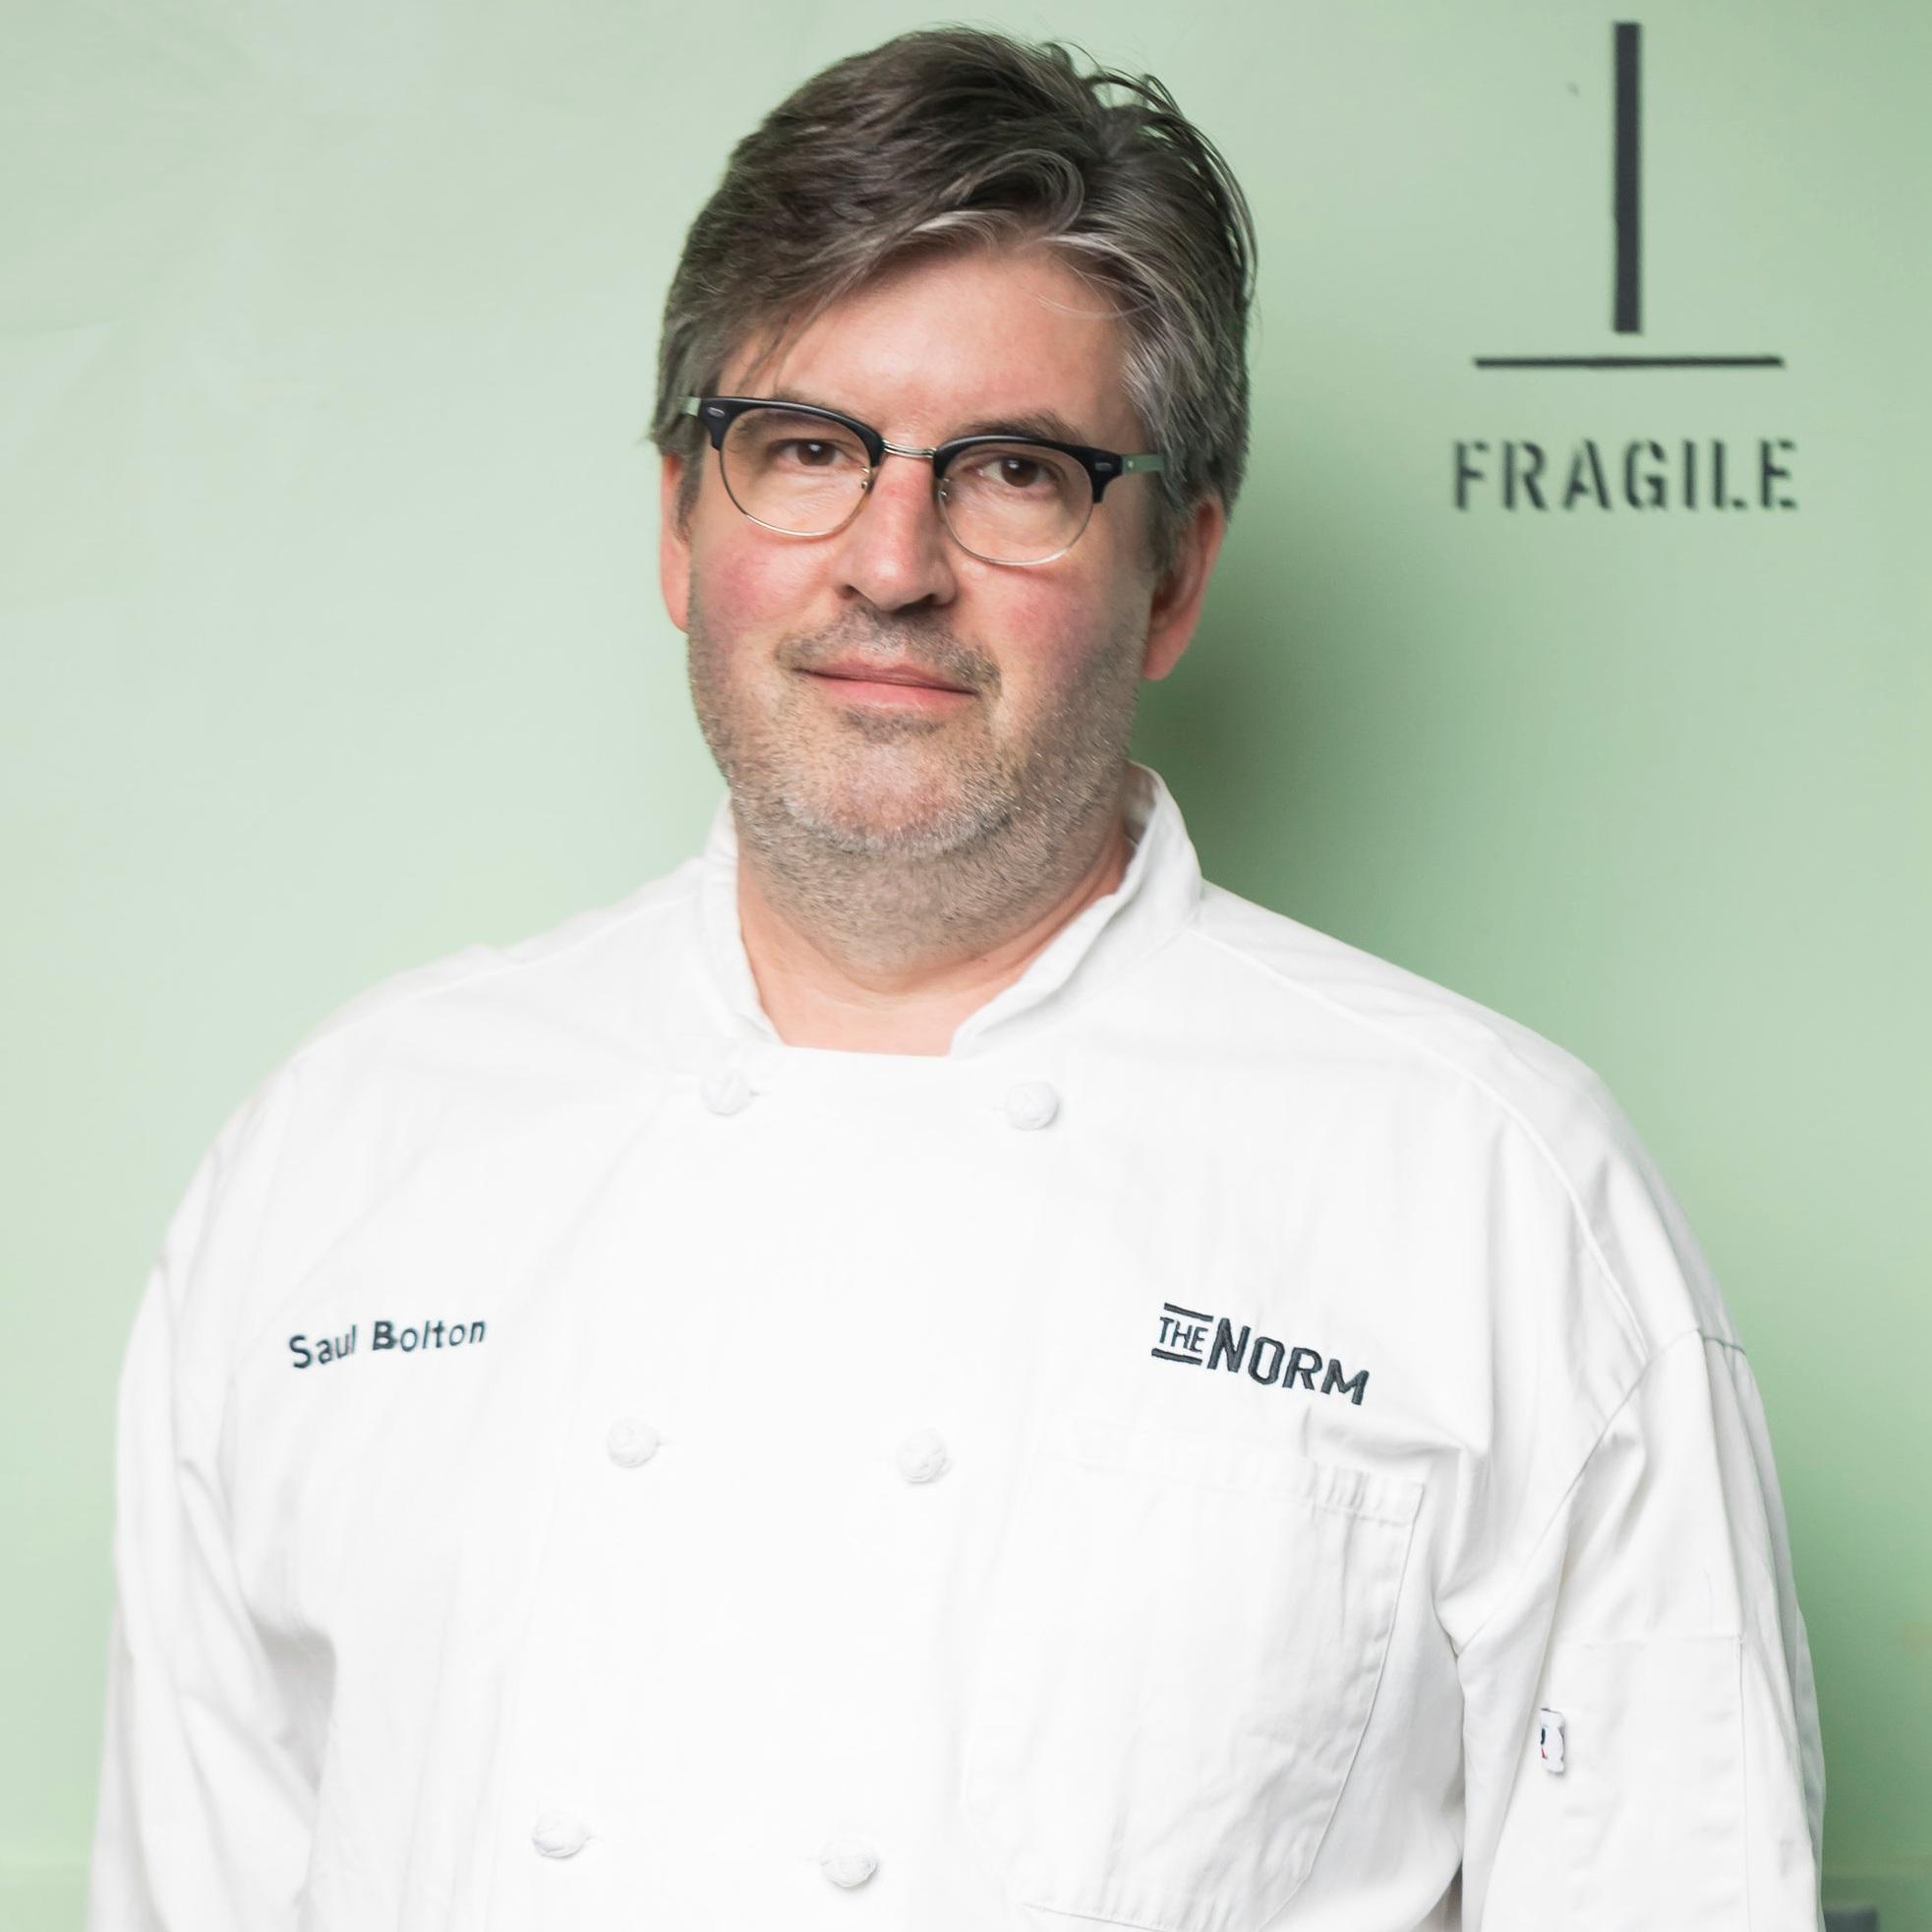 Chef Saul Bolton